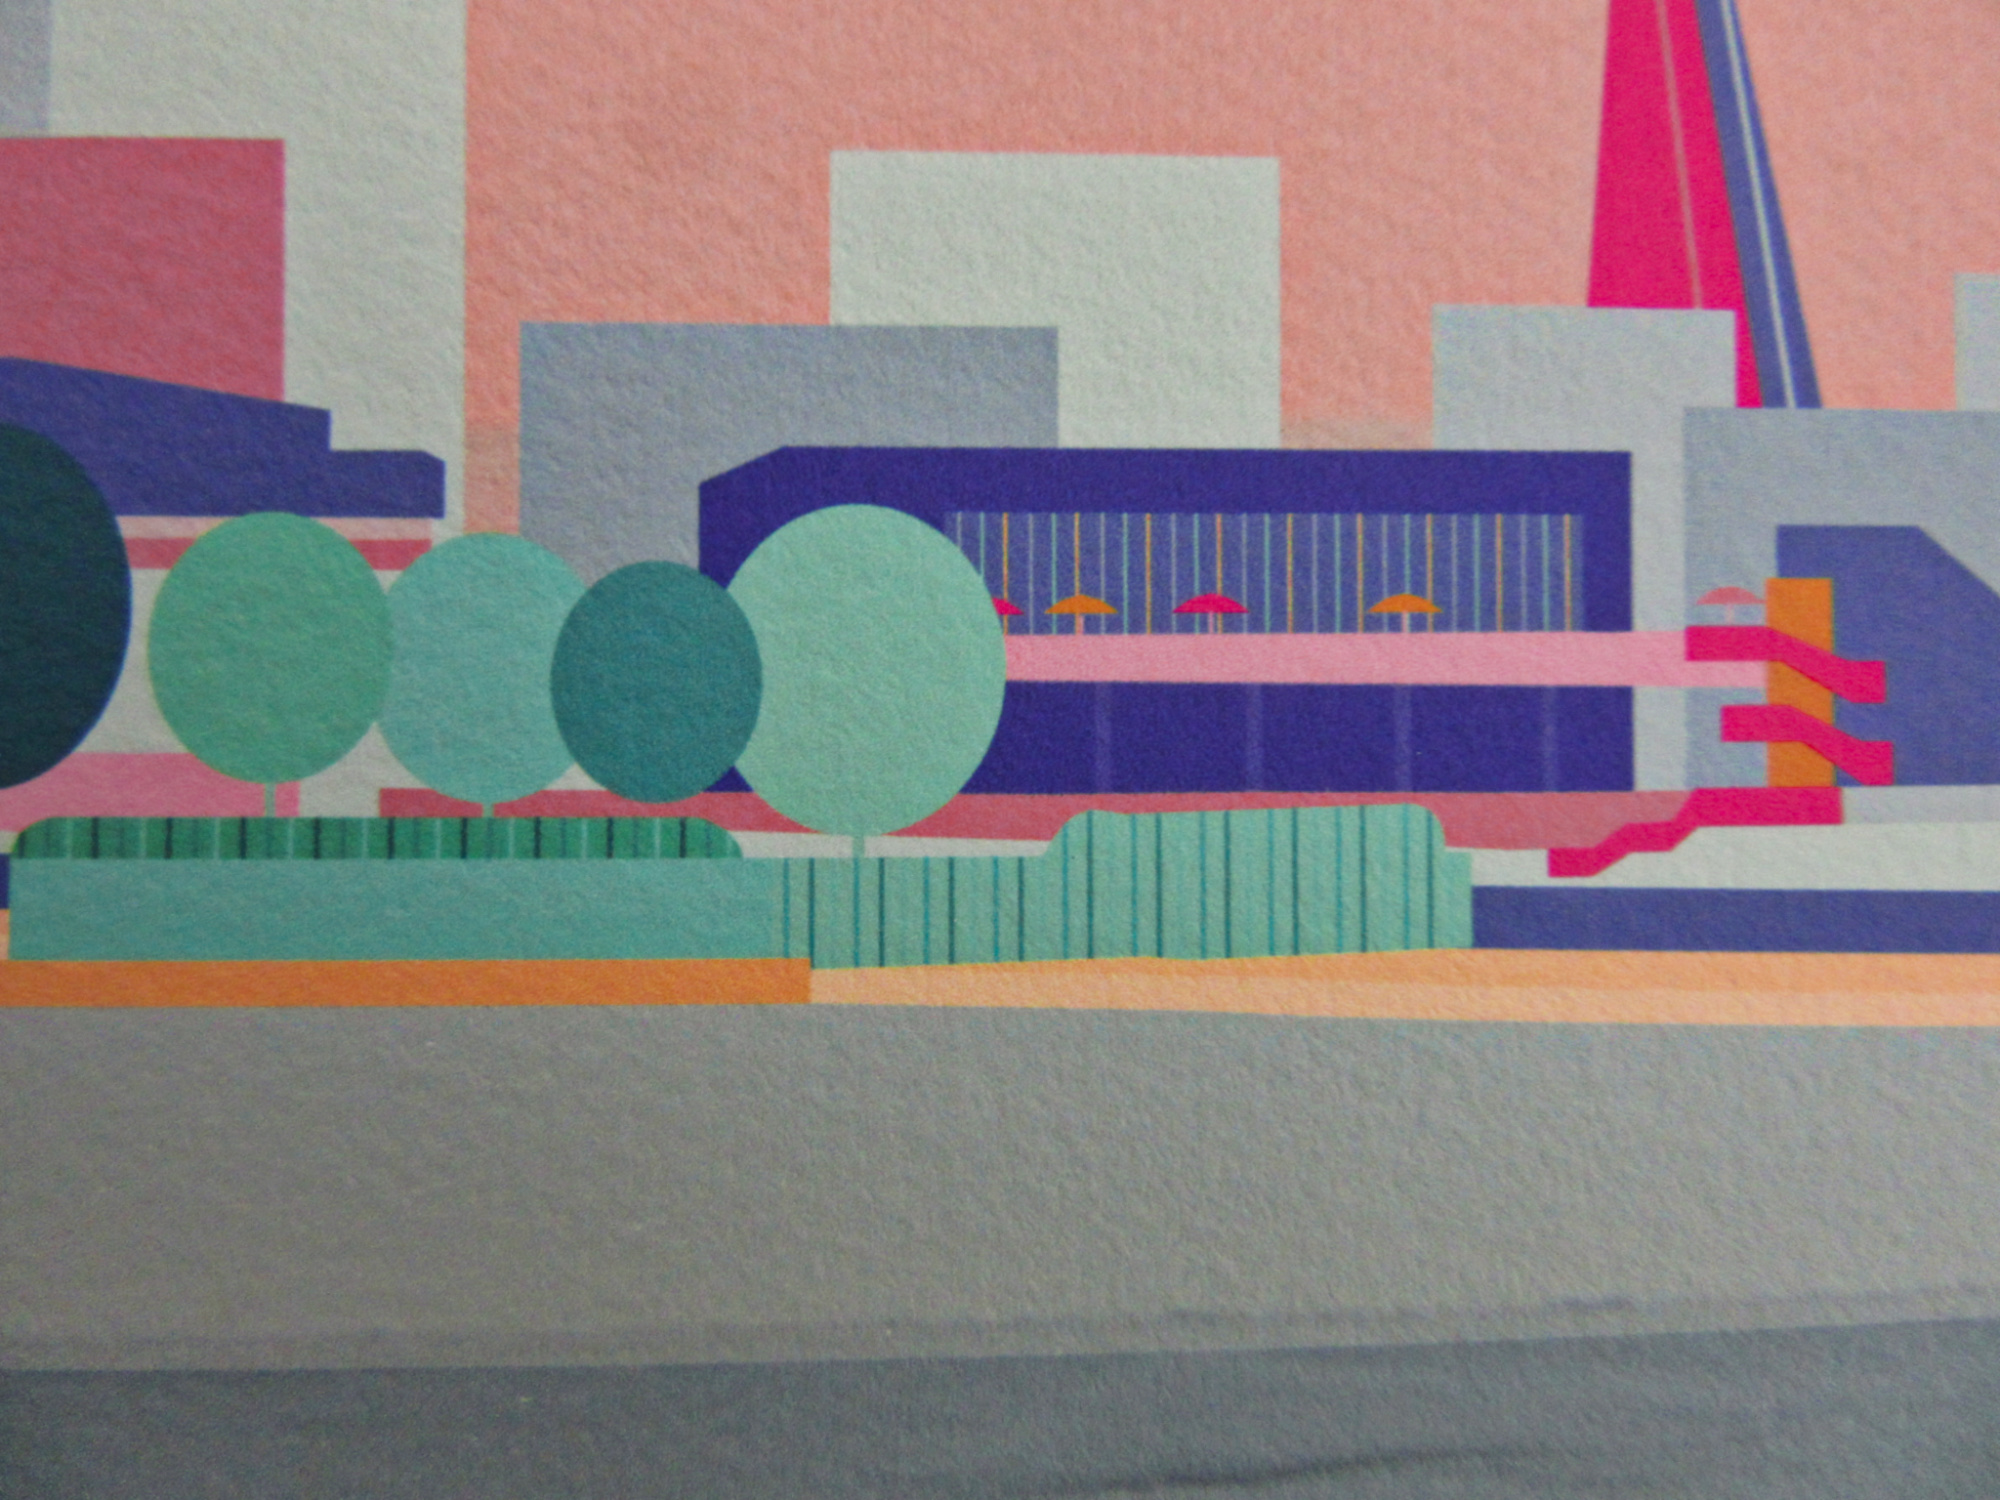 Southbank-London-River-Print-Garden-Parasols-Detail_S.jpg